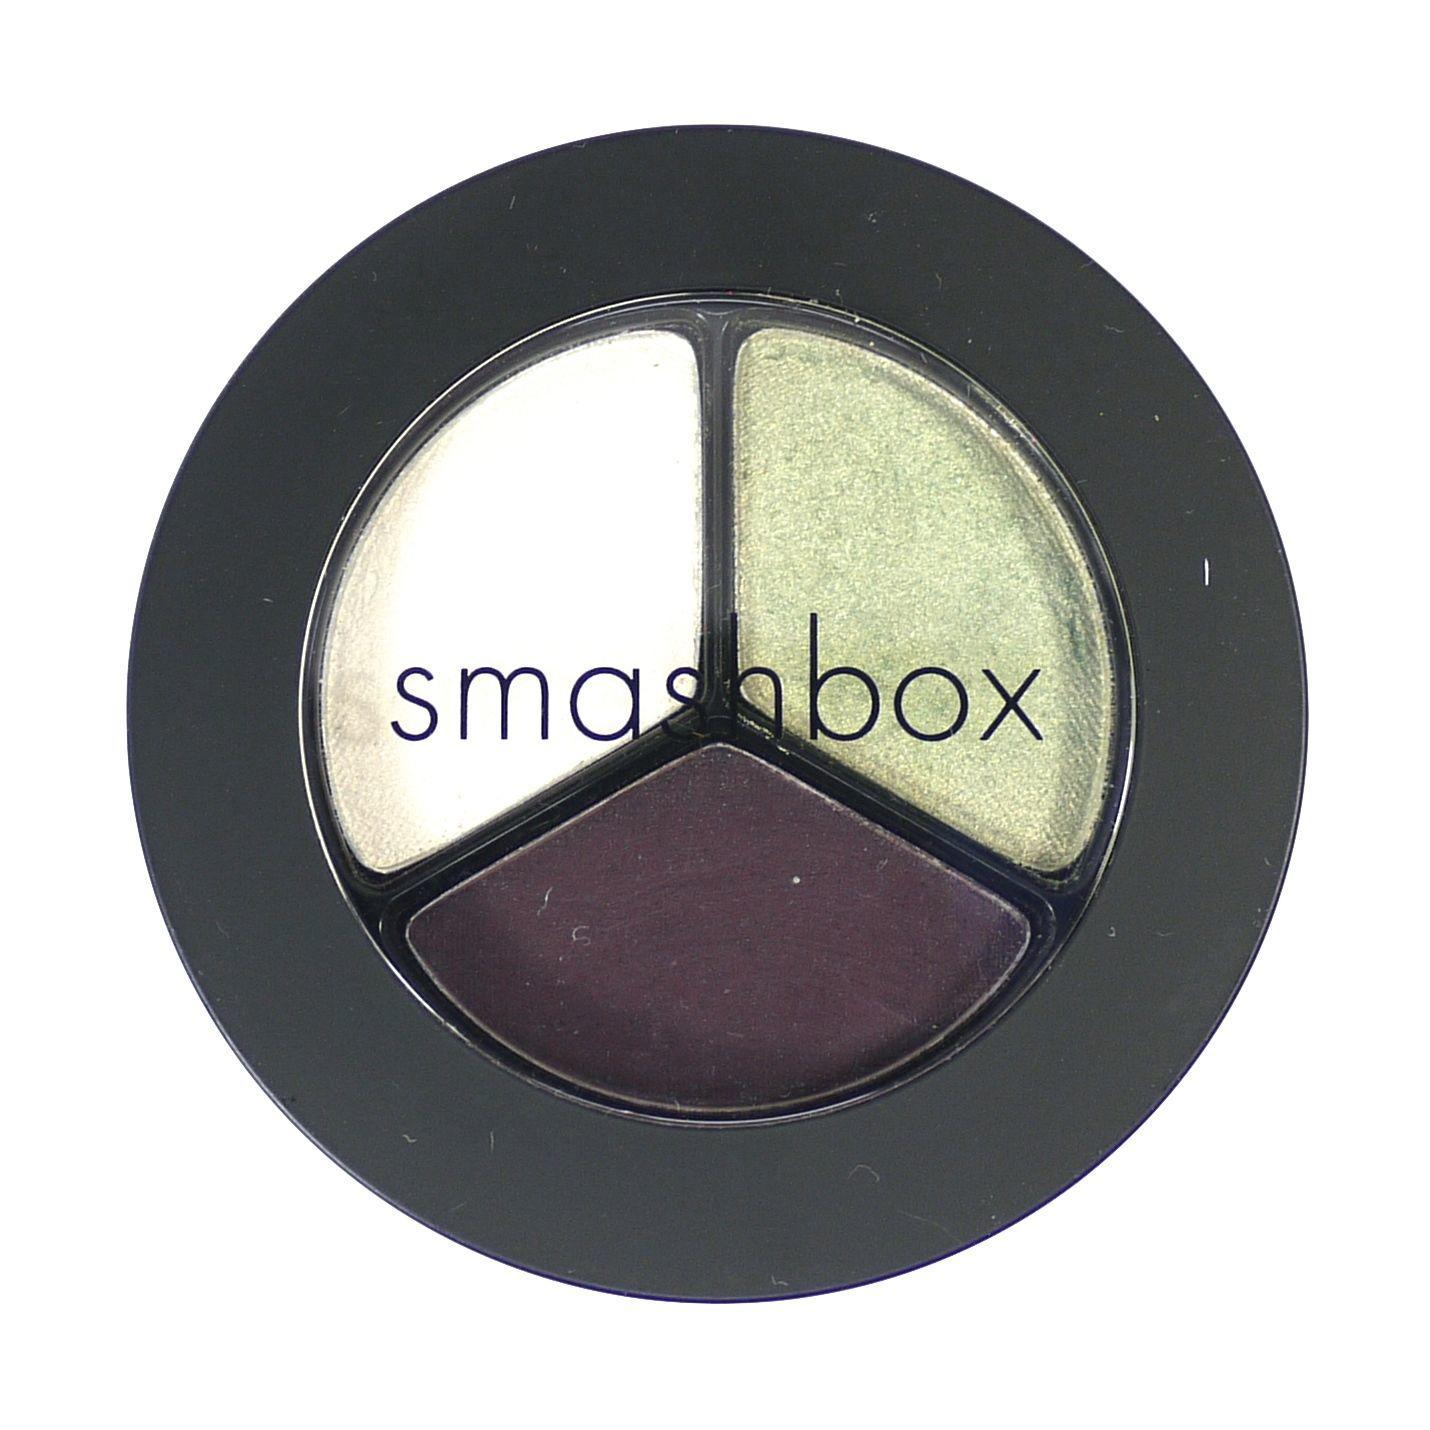 Smashbox Photo Op Eyeshadow Trio Develop Glambotcom Best Deals